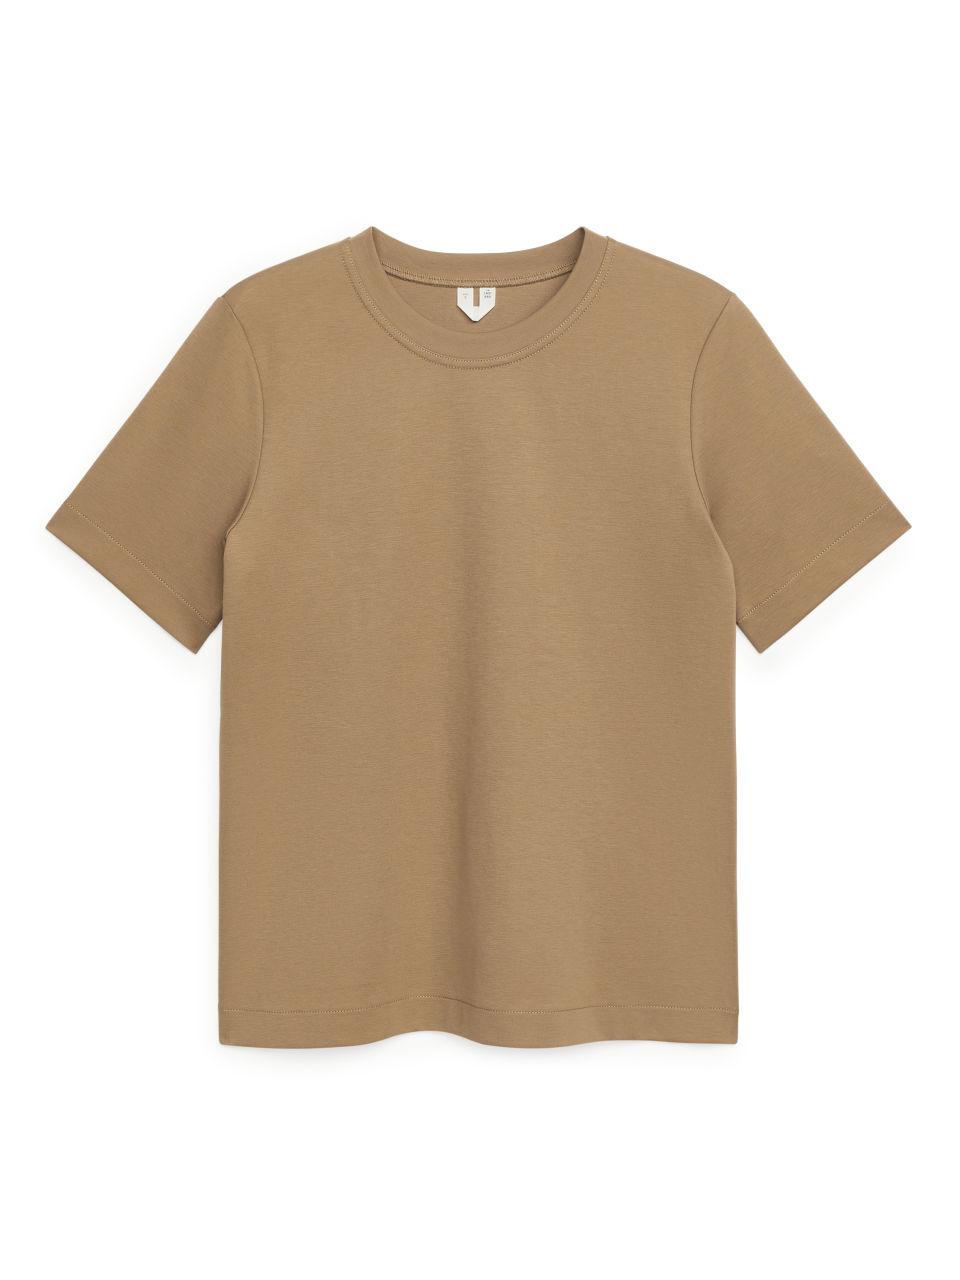 Heavy-Weight T-Shirt - Beige